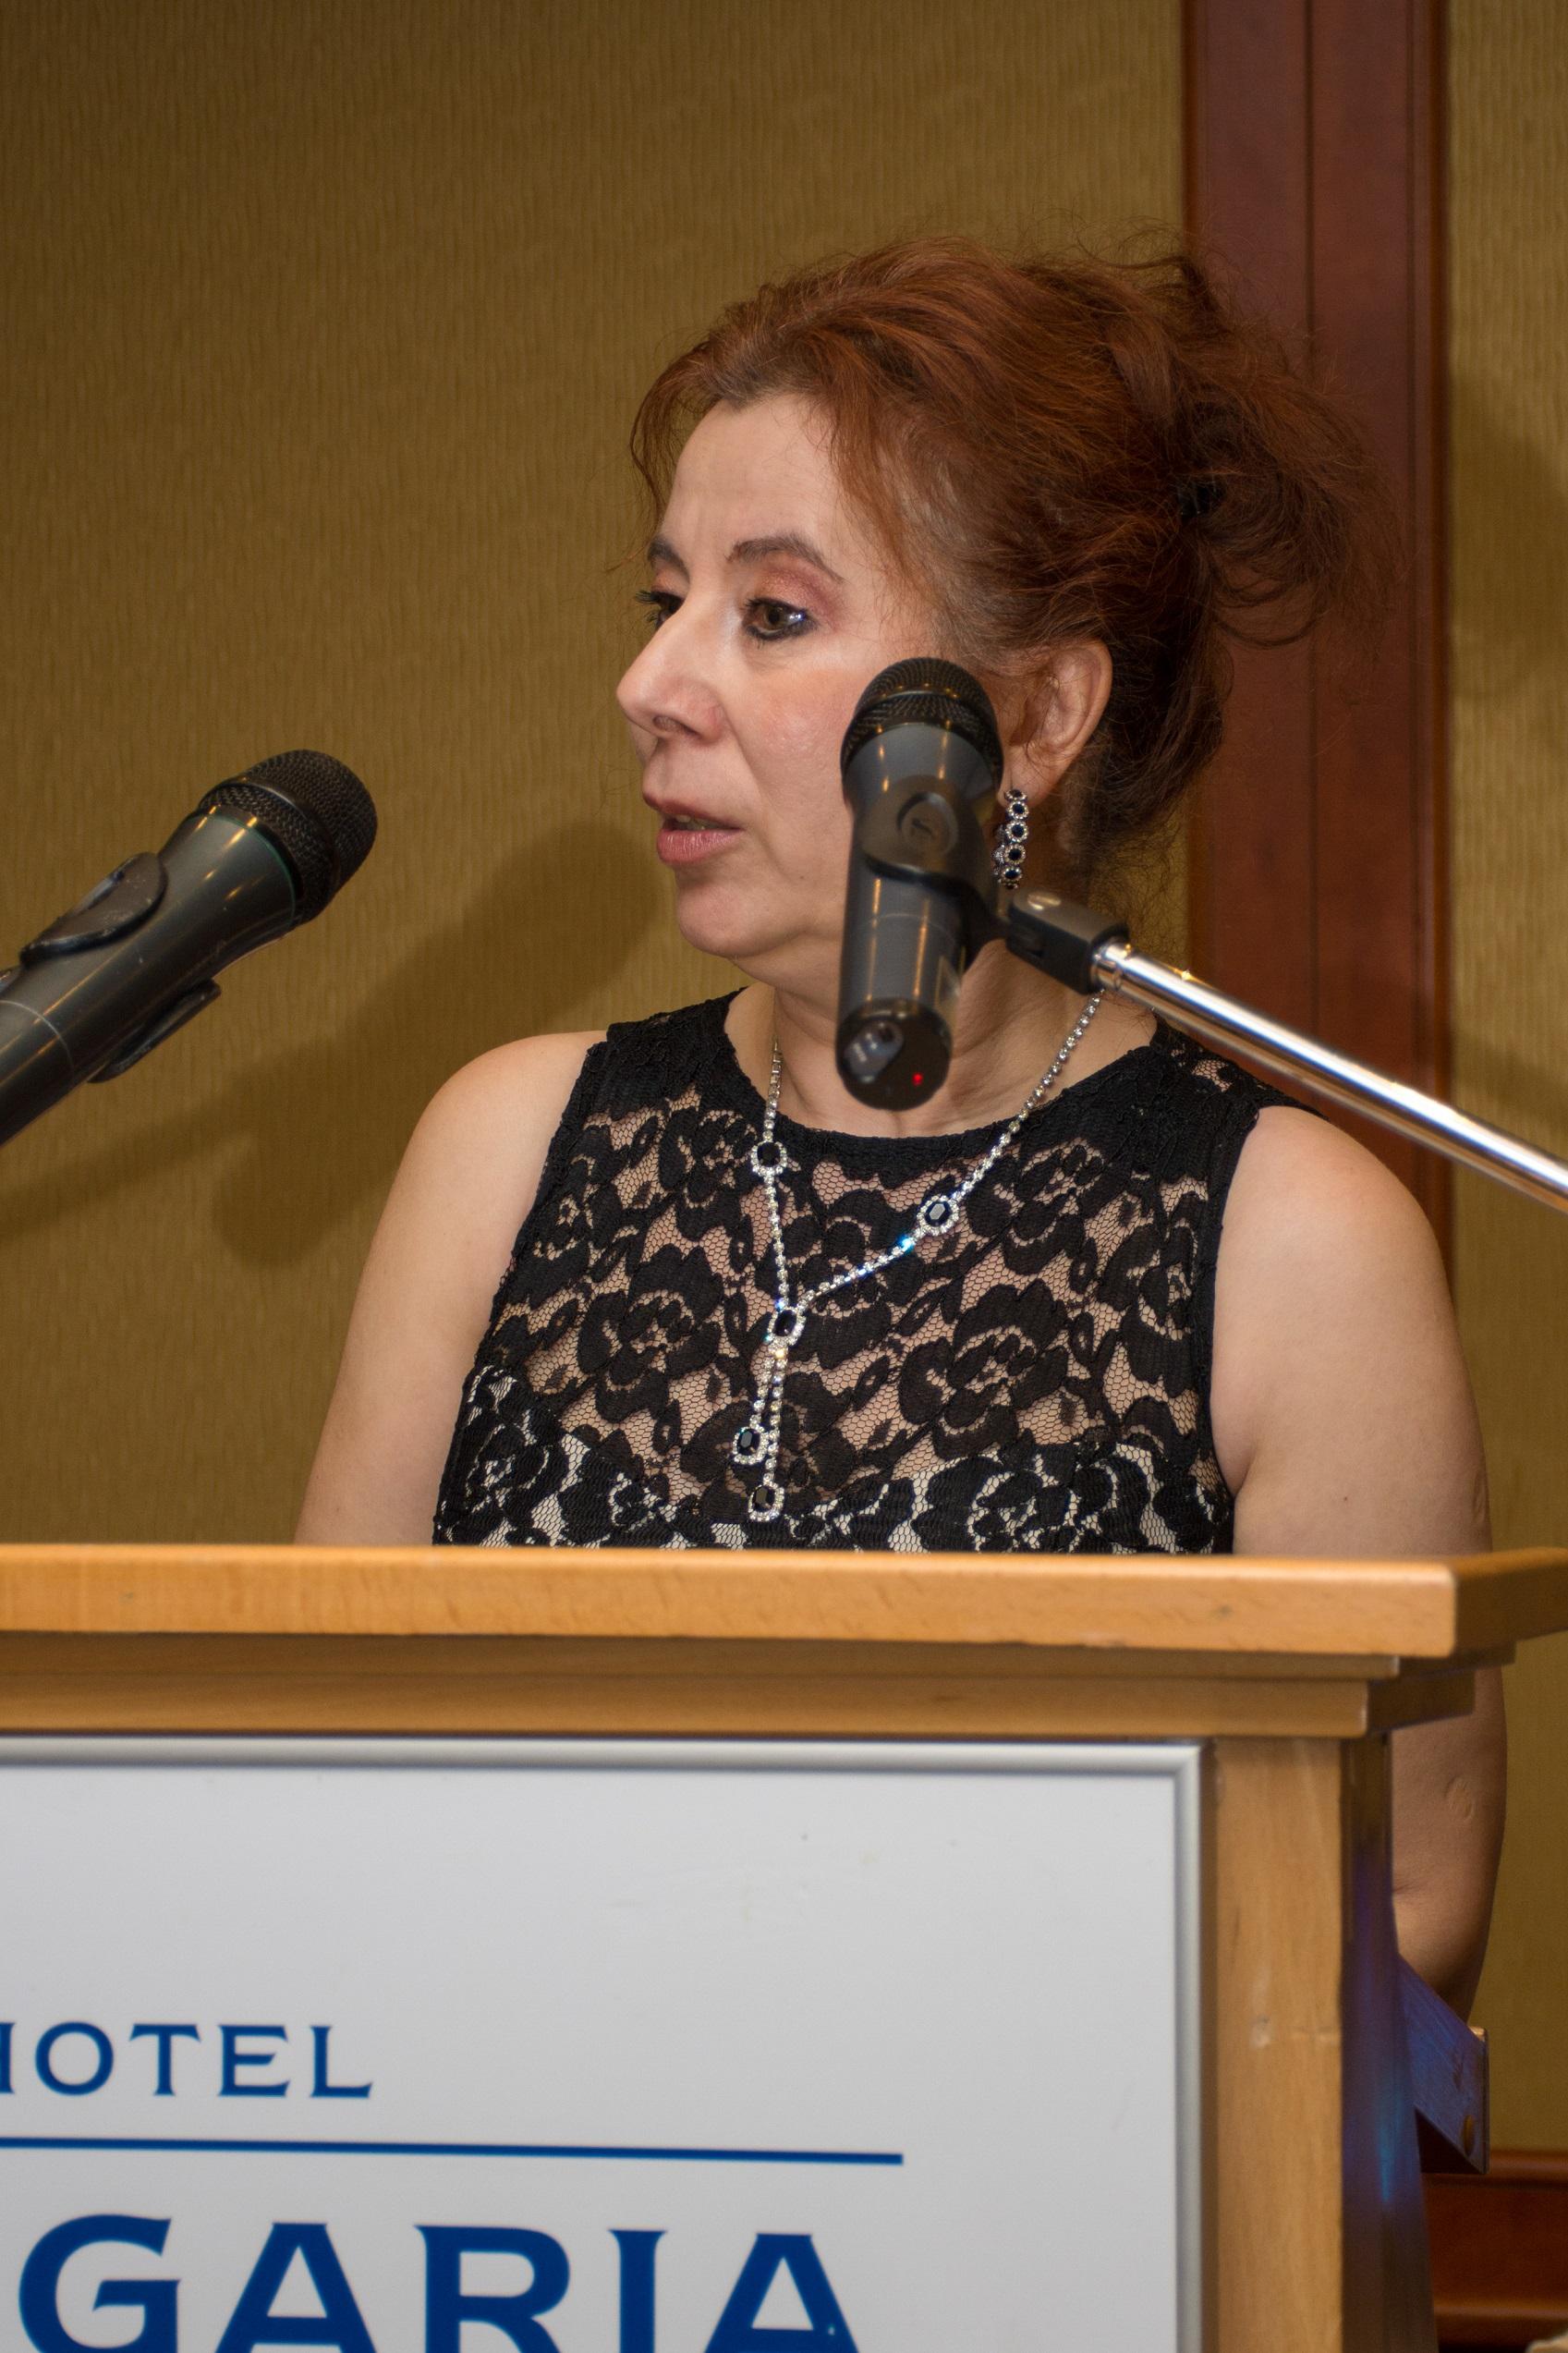 Takács Júlia, a CSR Hungary ügyvezető igazgatója, az EMVFE (Első Magyar CSR Egyesület) elnöke